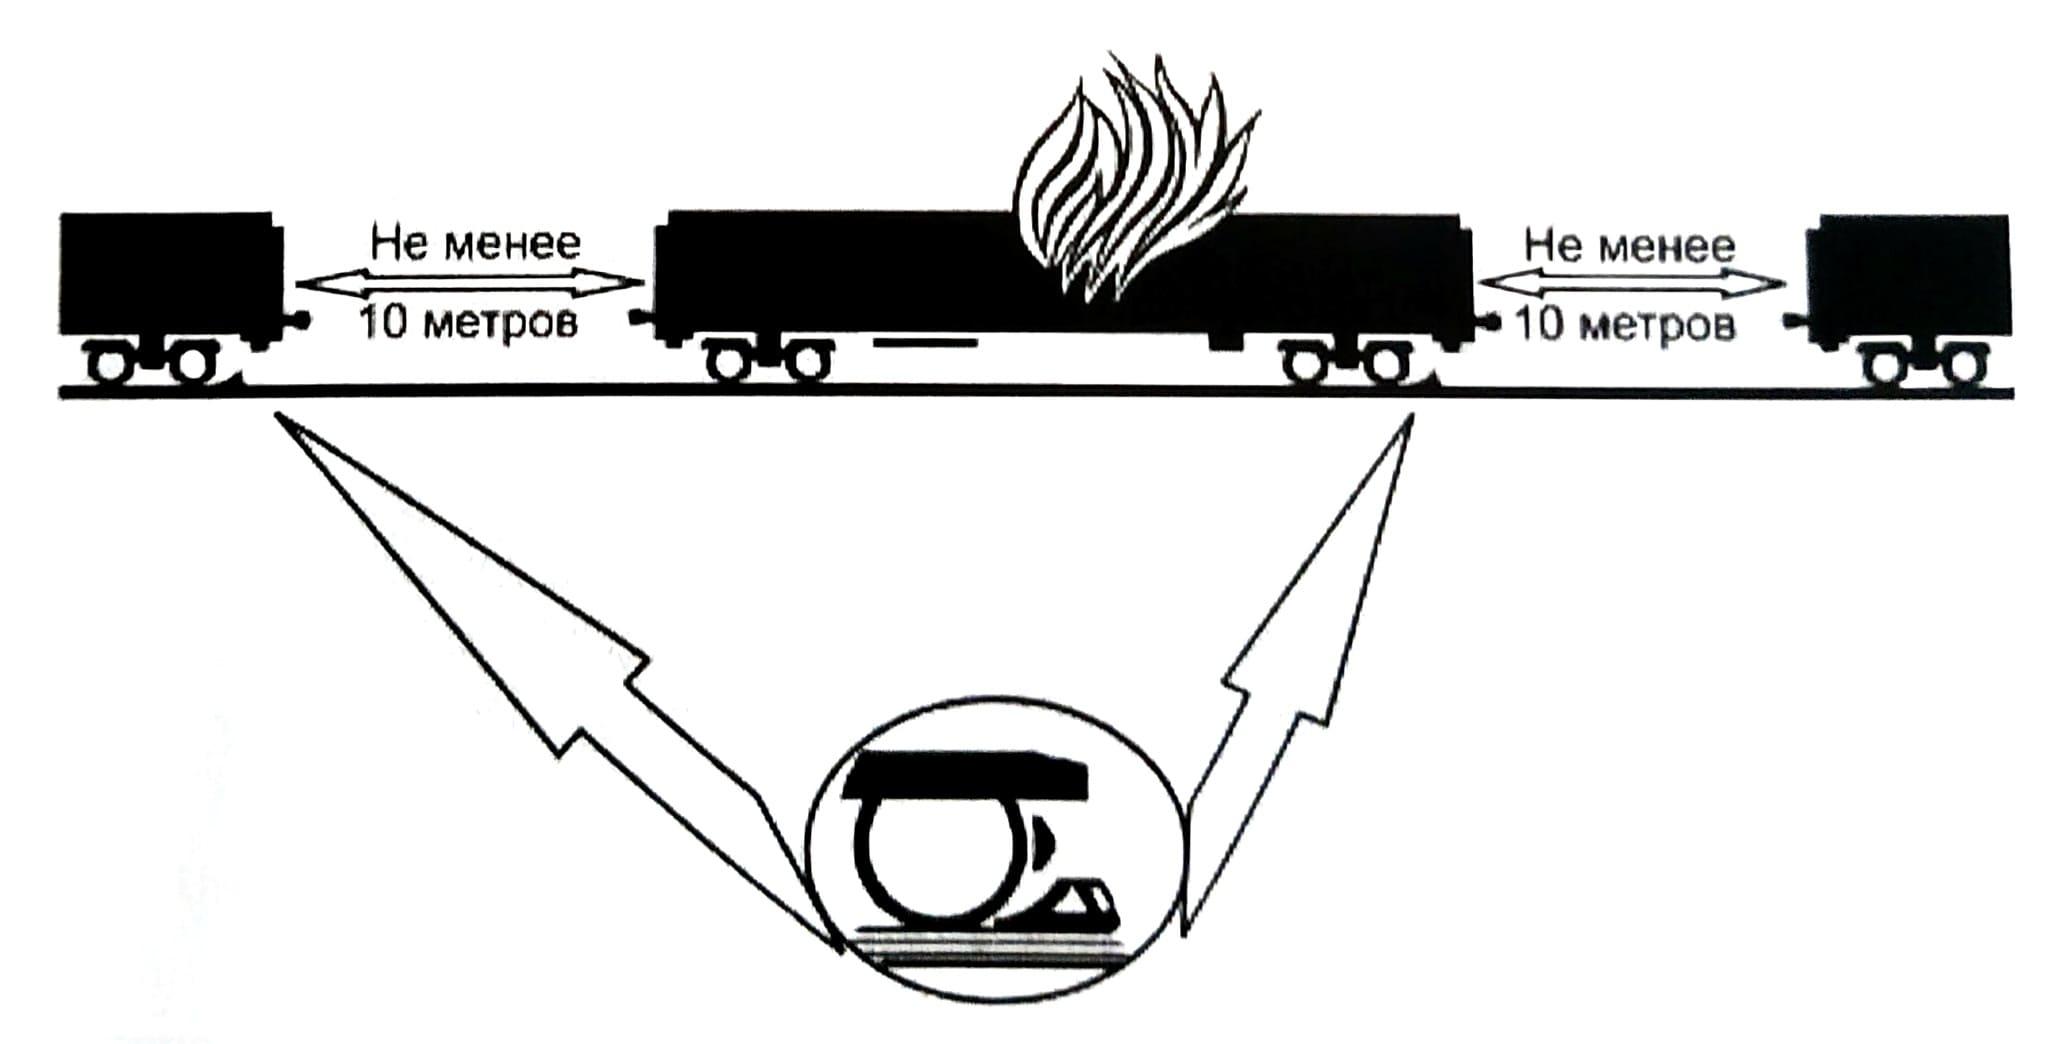 Отцепка горящего вагона